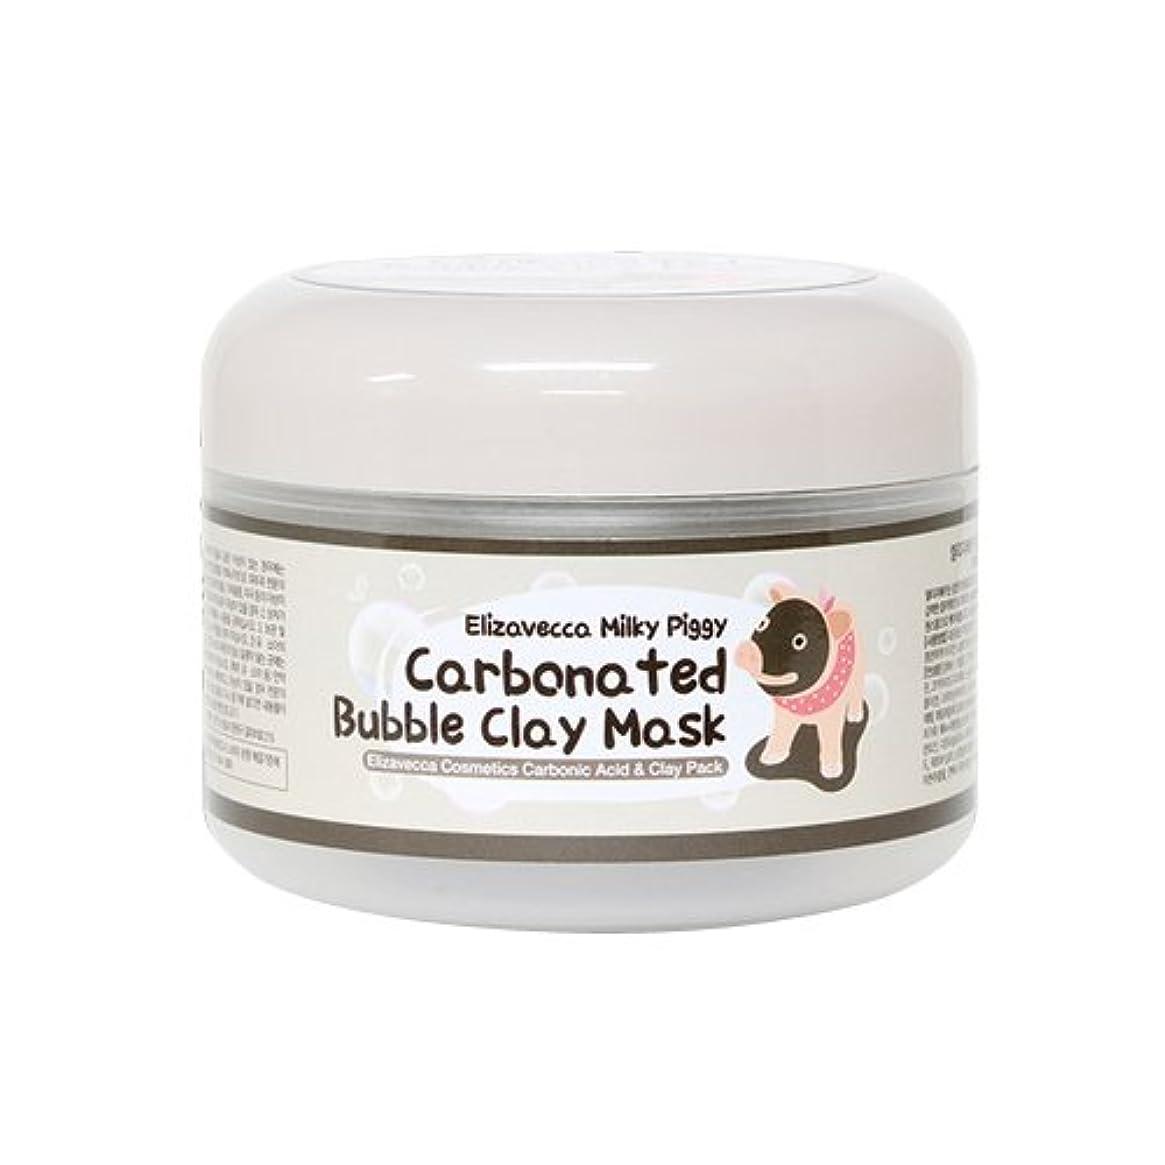 分子ラケット注目すべき[Elizaecca/エリザベカ/SESALO]炭酸バブルクレイマスク/Carbanated bubble clay mask[海外直送品]